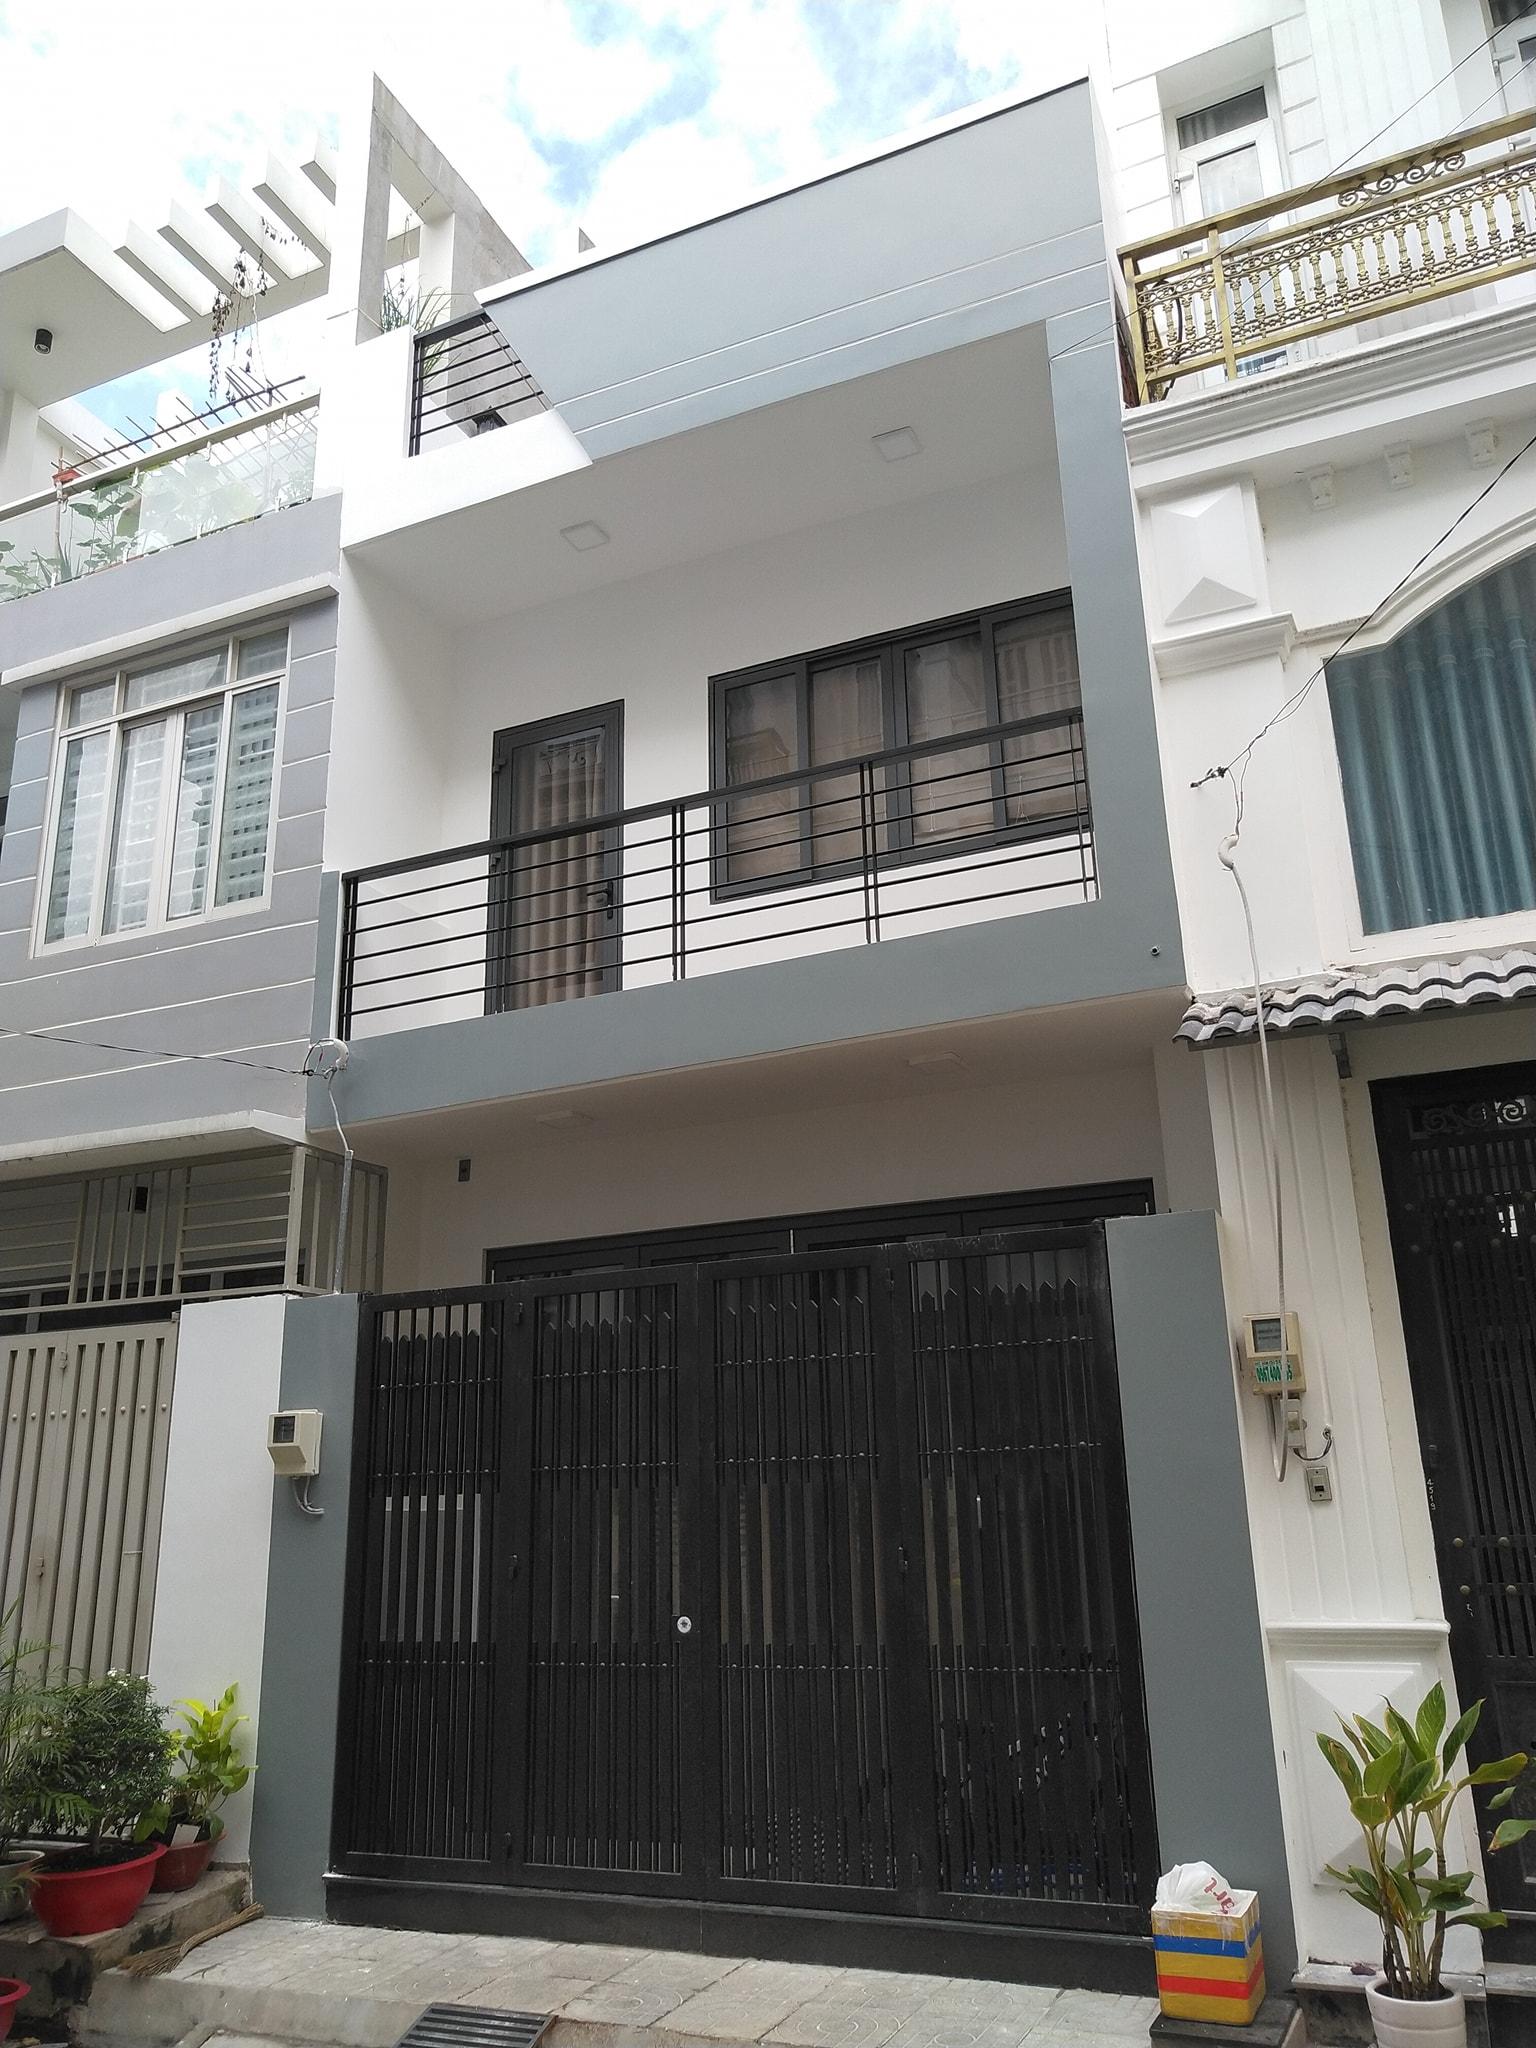 Nhà Phố Quận Thủ Đức _ Đẹp Nhẹ Nhàng, Tinh Tế